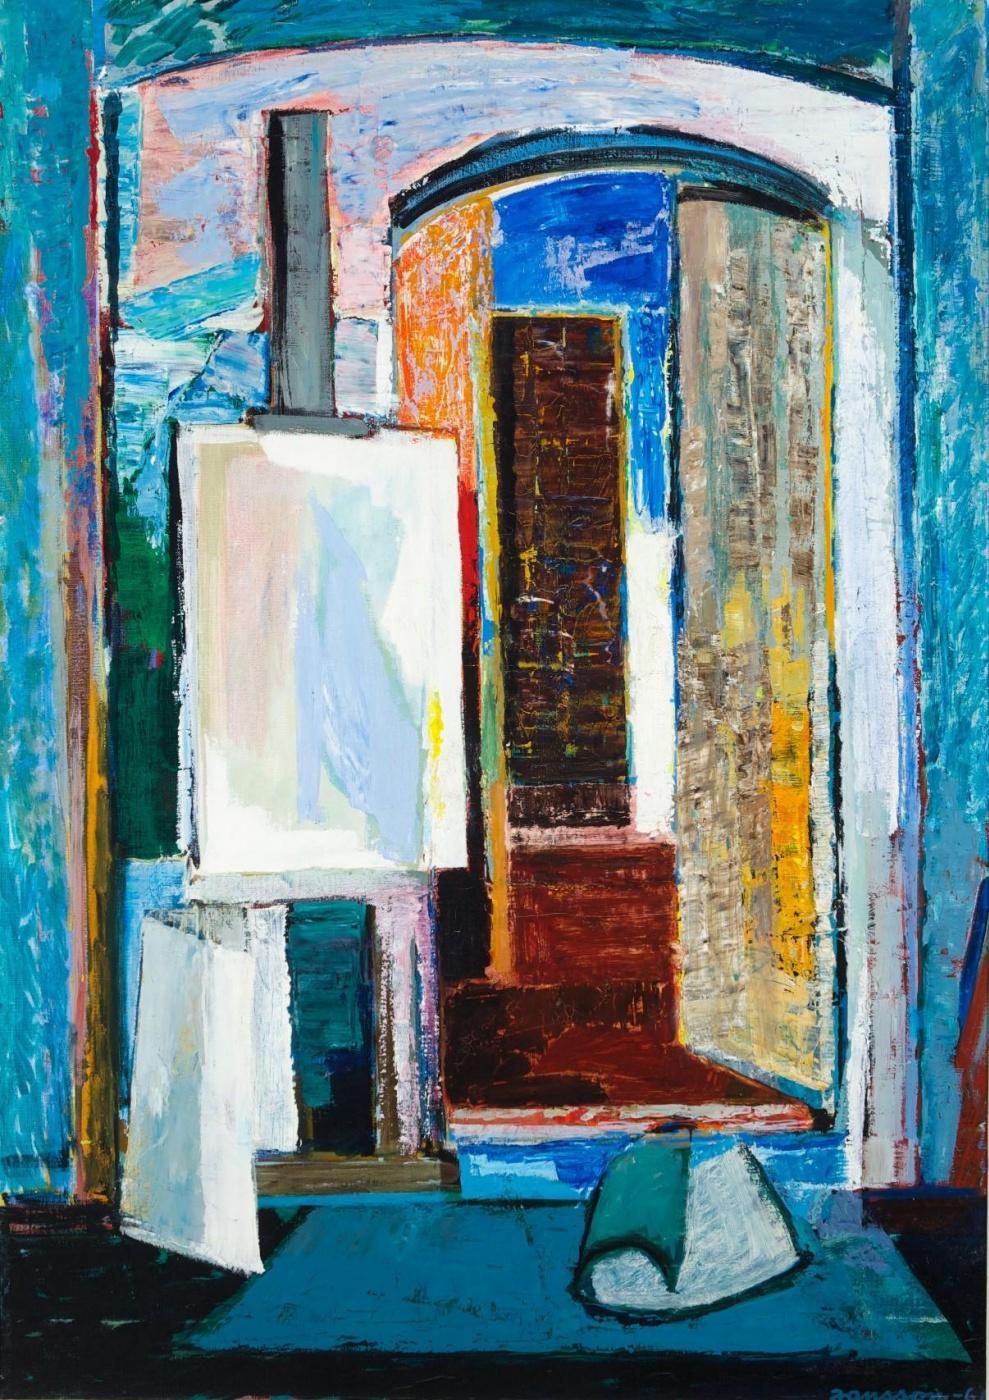 Tove Jansson. In a studio